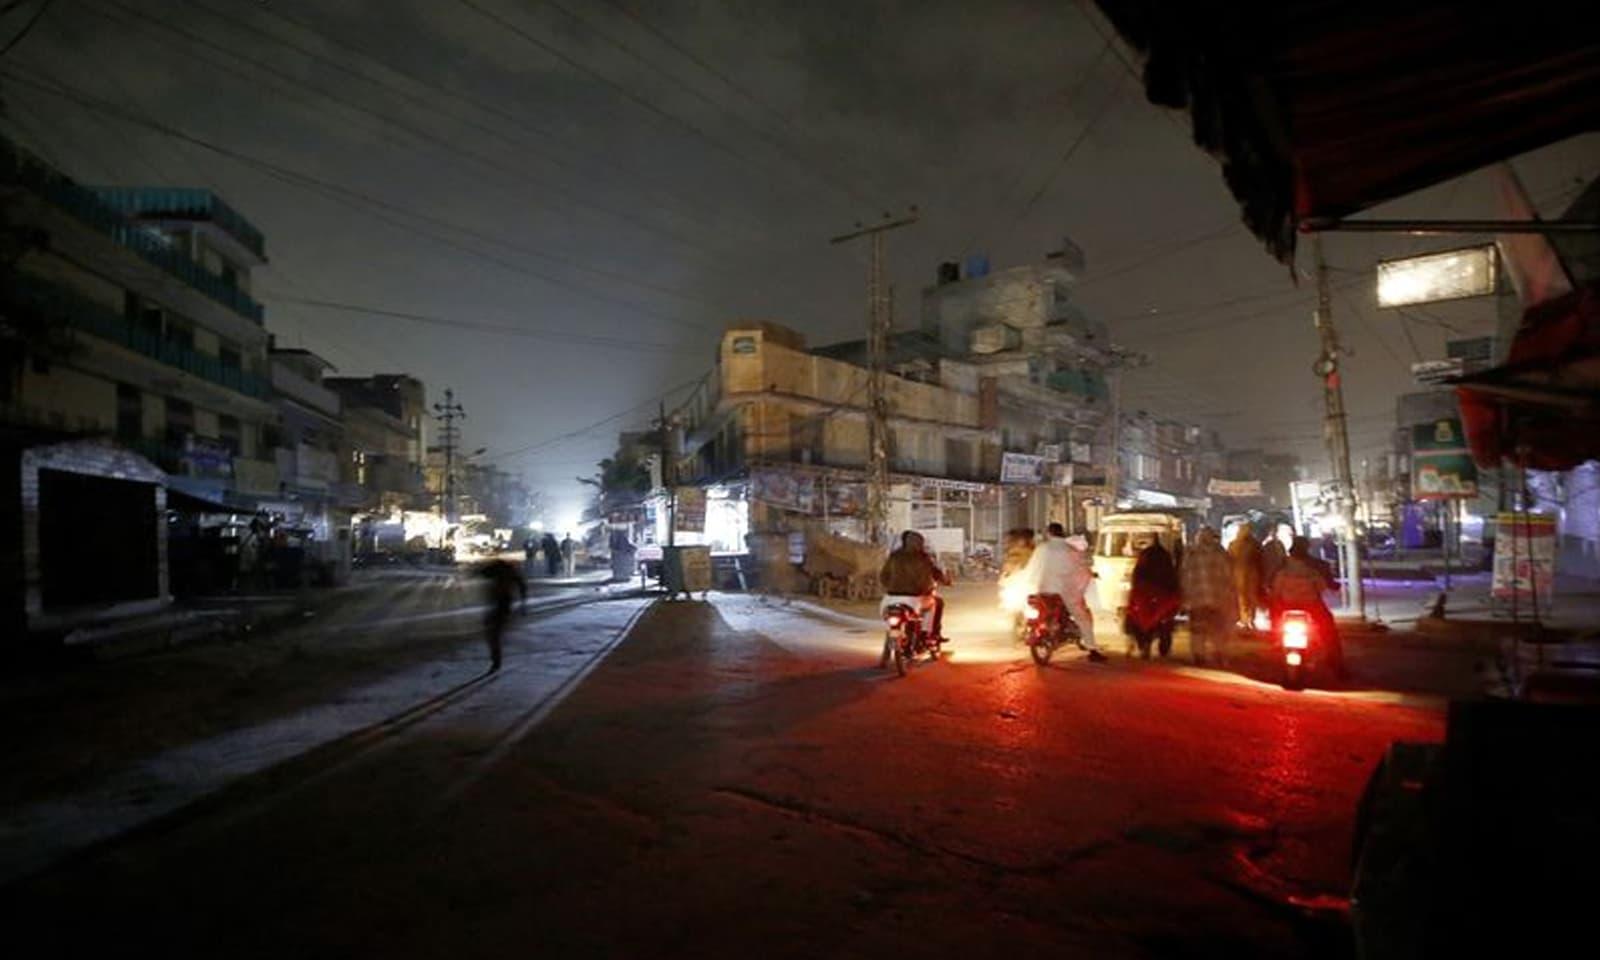 اب تک ملک کے کئی علاقے بجلی سے محروم ہیں — فوٹو: اے پی